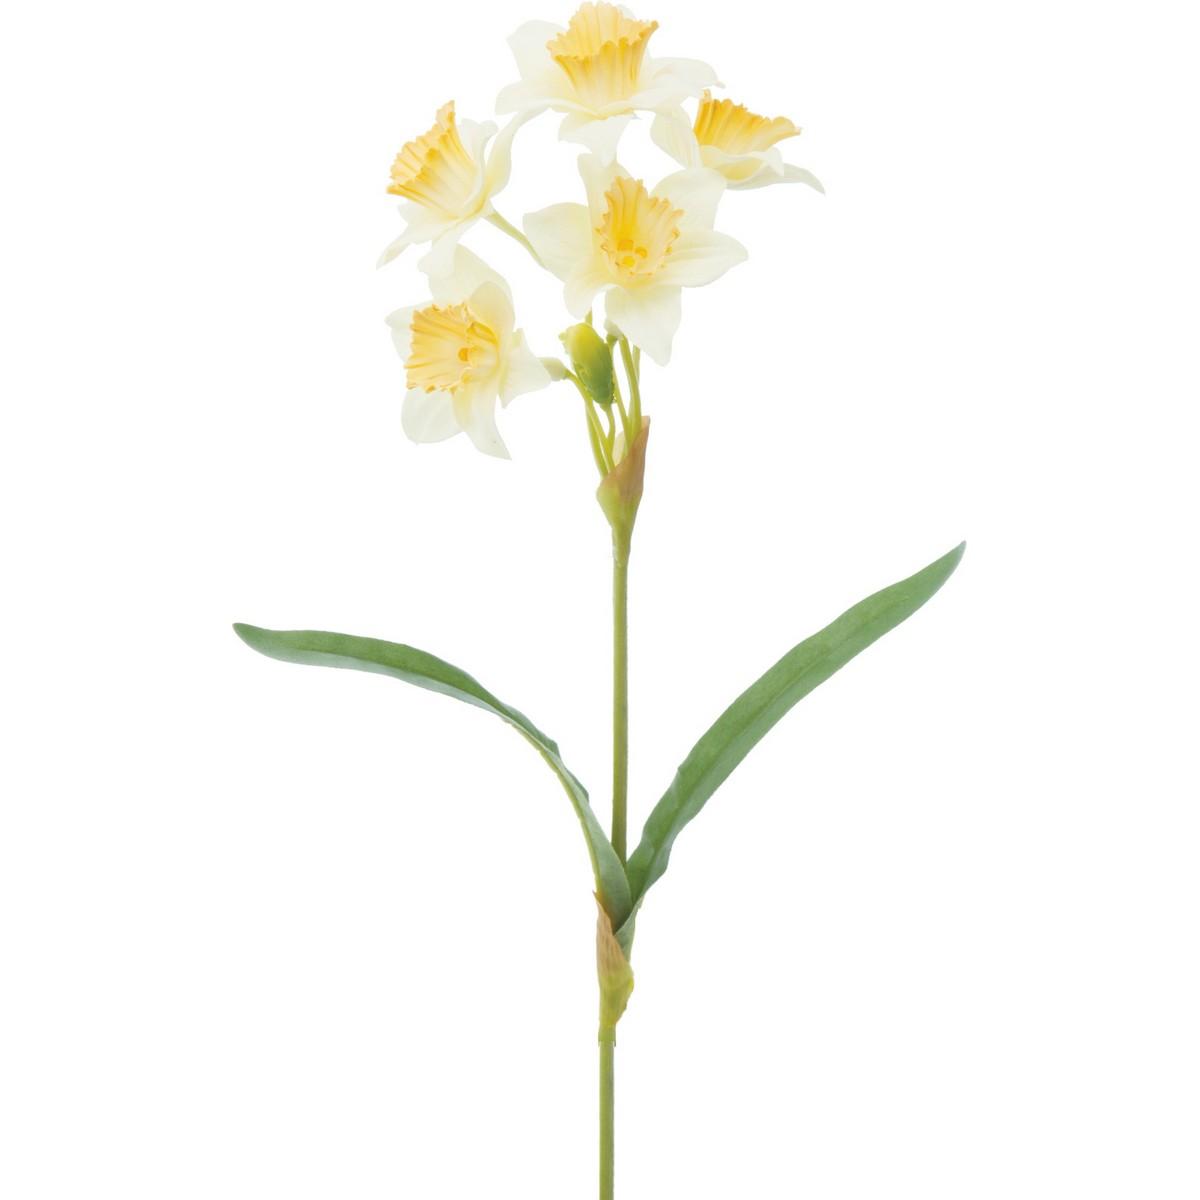 【造花】YDM/スイセン イエロー/FS-5246-Y/Y【01】【取寄】《 造花(アーティフィシャルフラワー) 造花 花材「さ行」 スイセン(水仙) 》